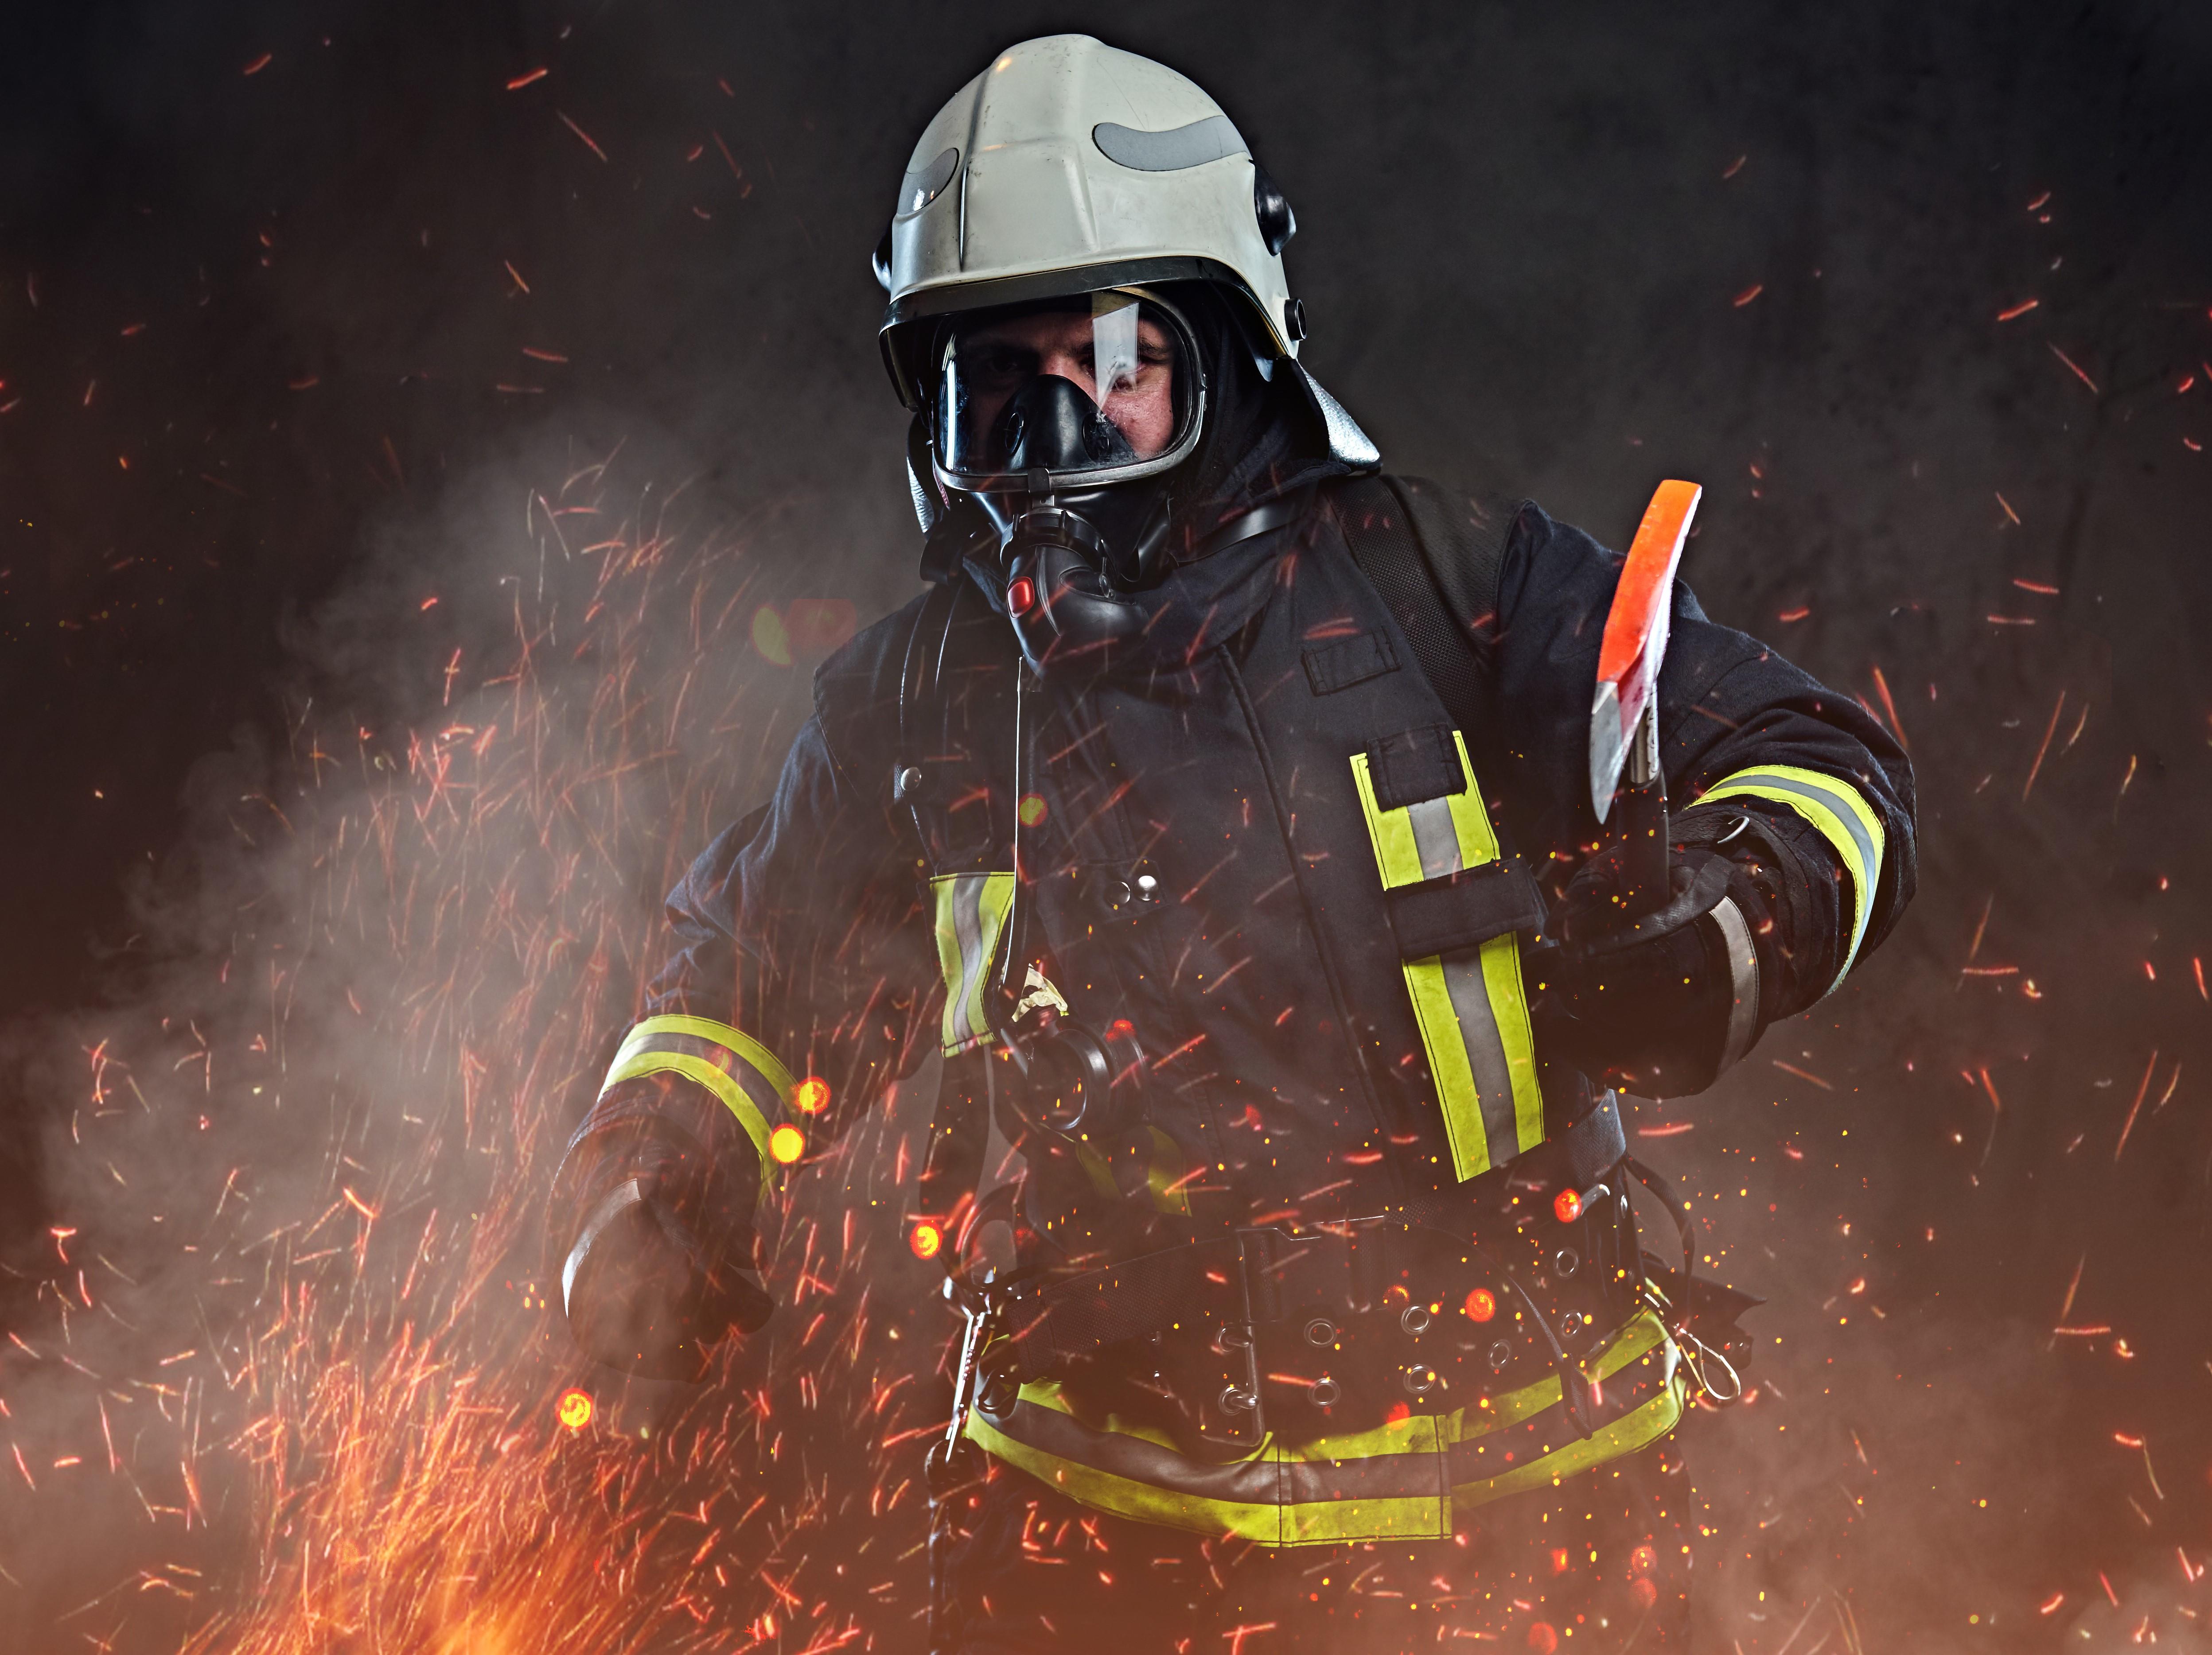 Feuerwehr Mann